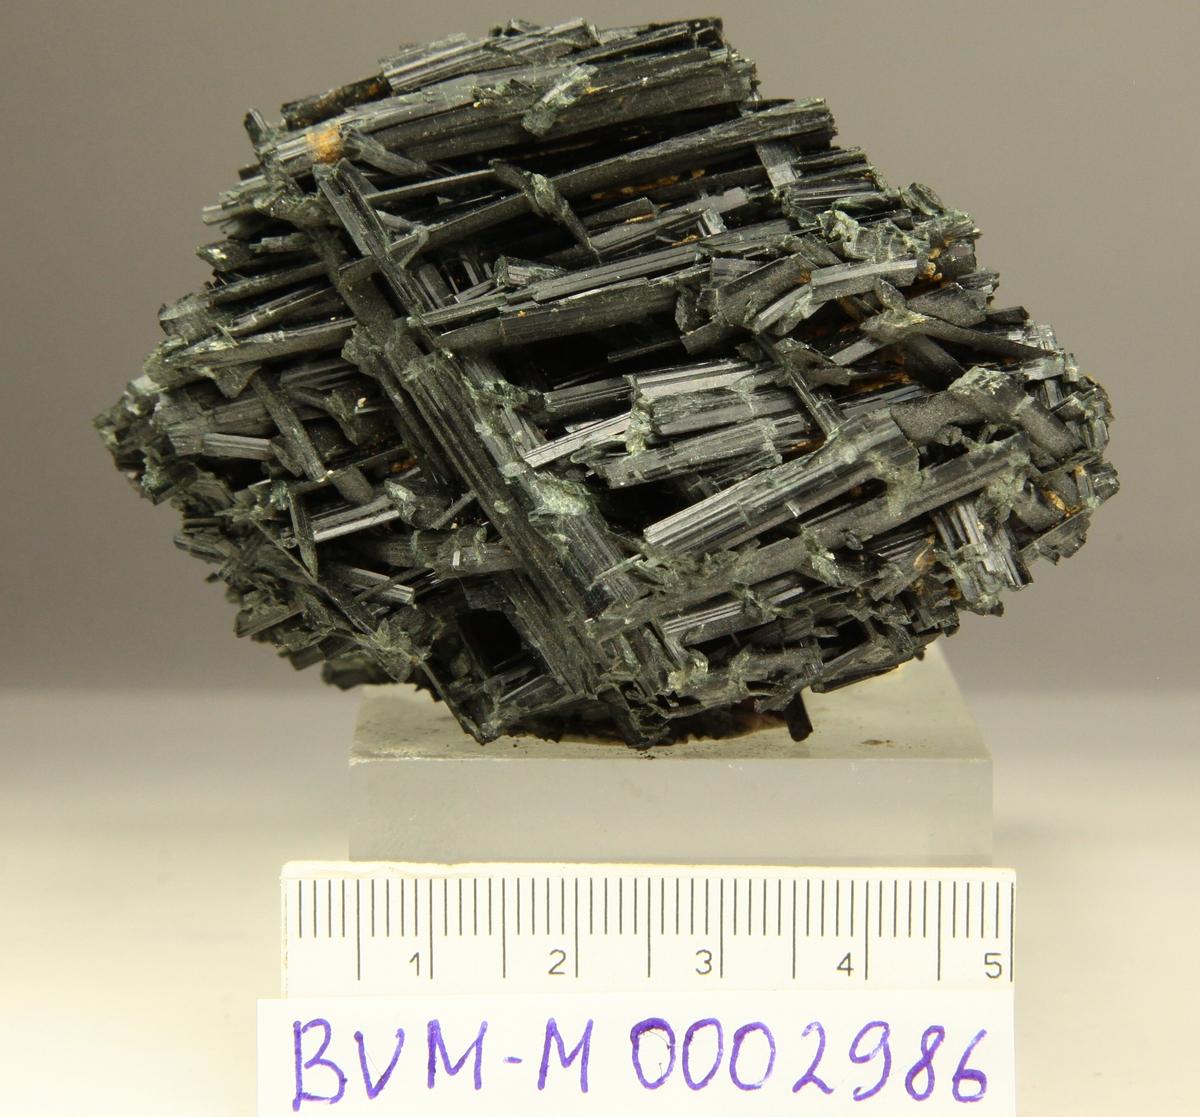 Sammenvoksning av krystaller uten terminering. Ukjent funnsted i Norge.